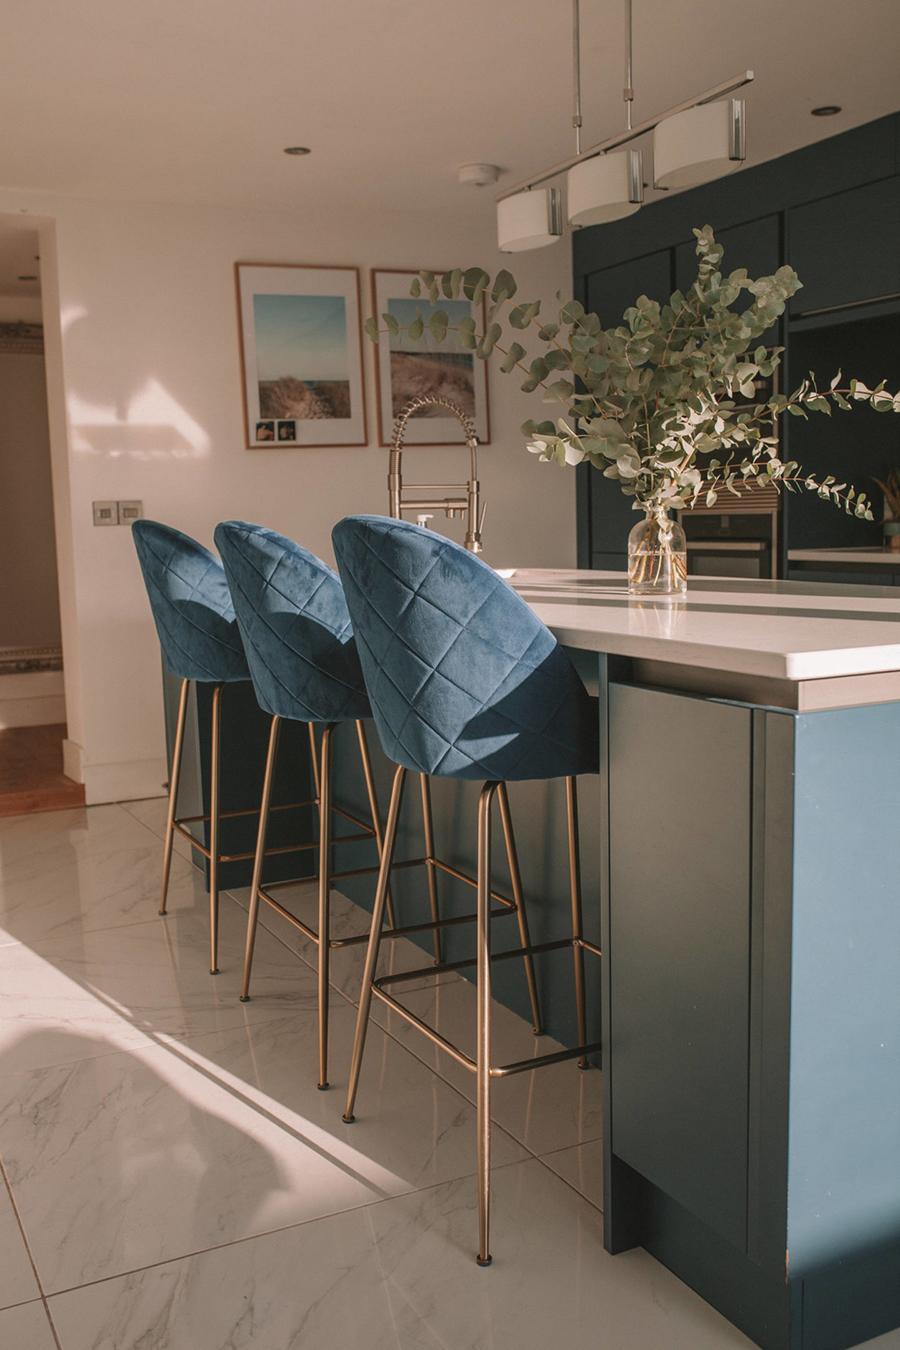 Asientos para isla de cocina de estilo glam, de terciopelo color azul petróleo y patas metálicas cobrizo, con respaldo alto.